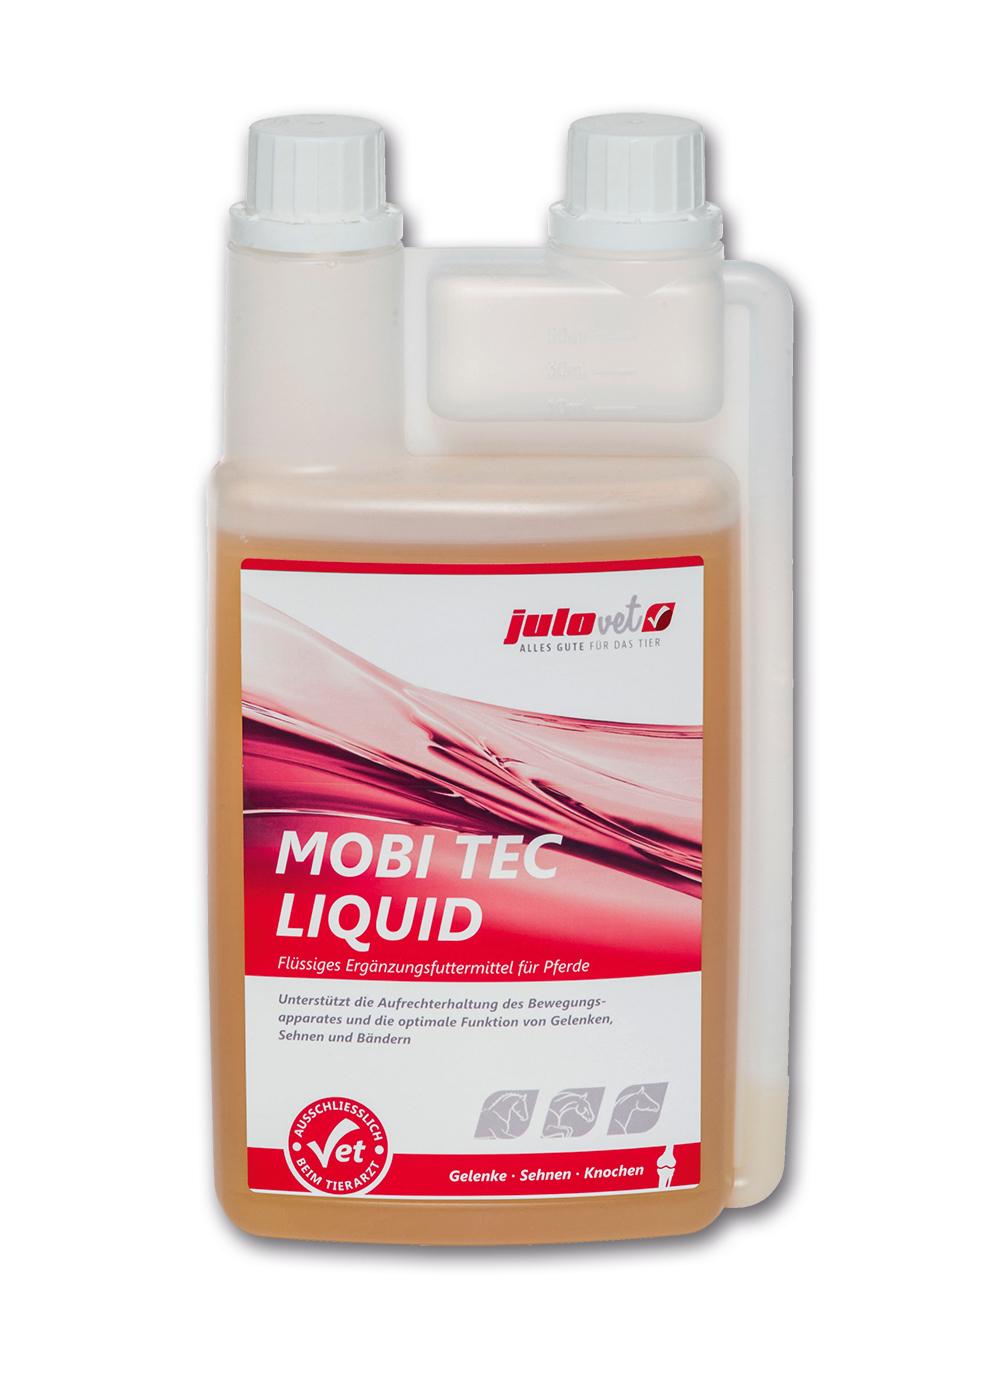 Mobi Tec Liquid